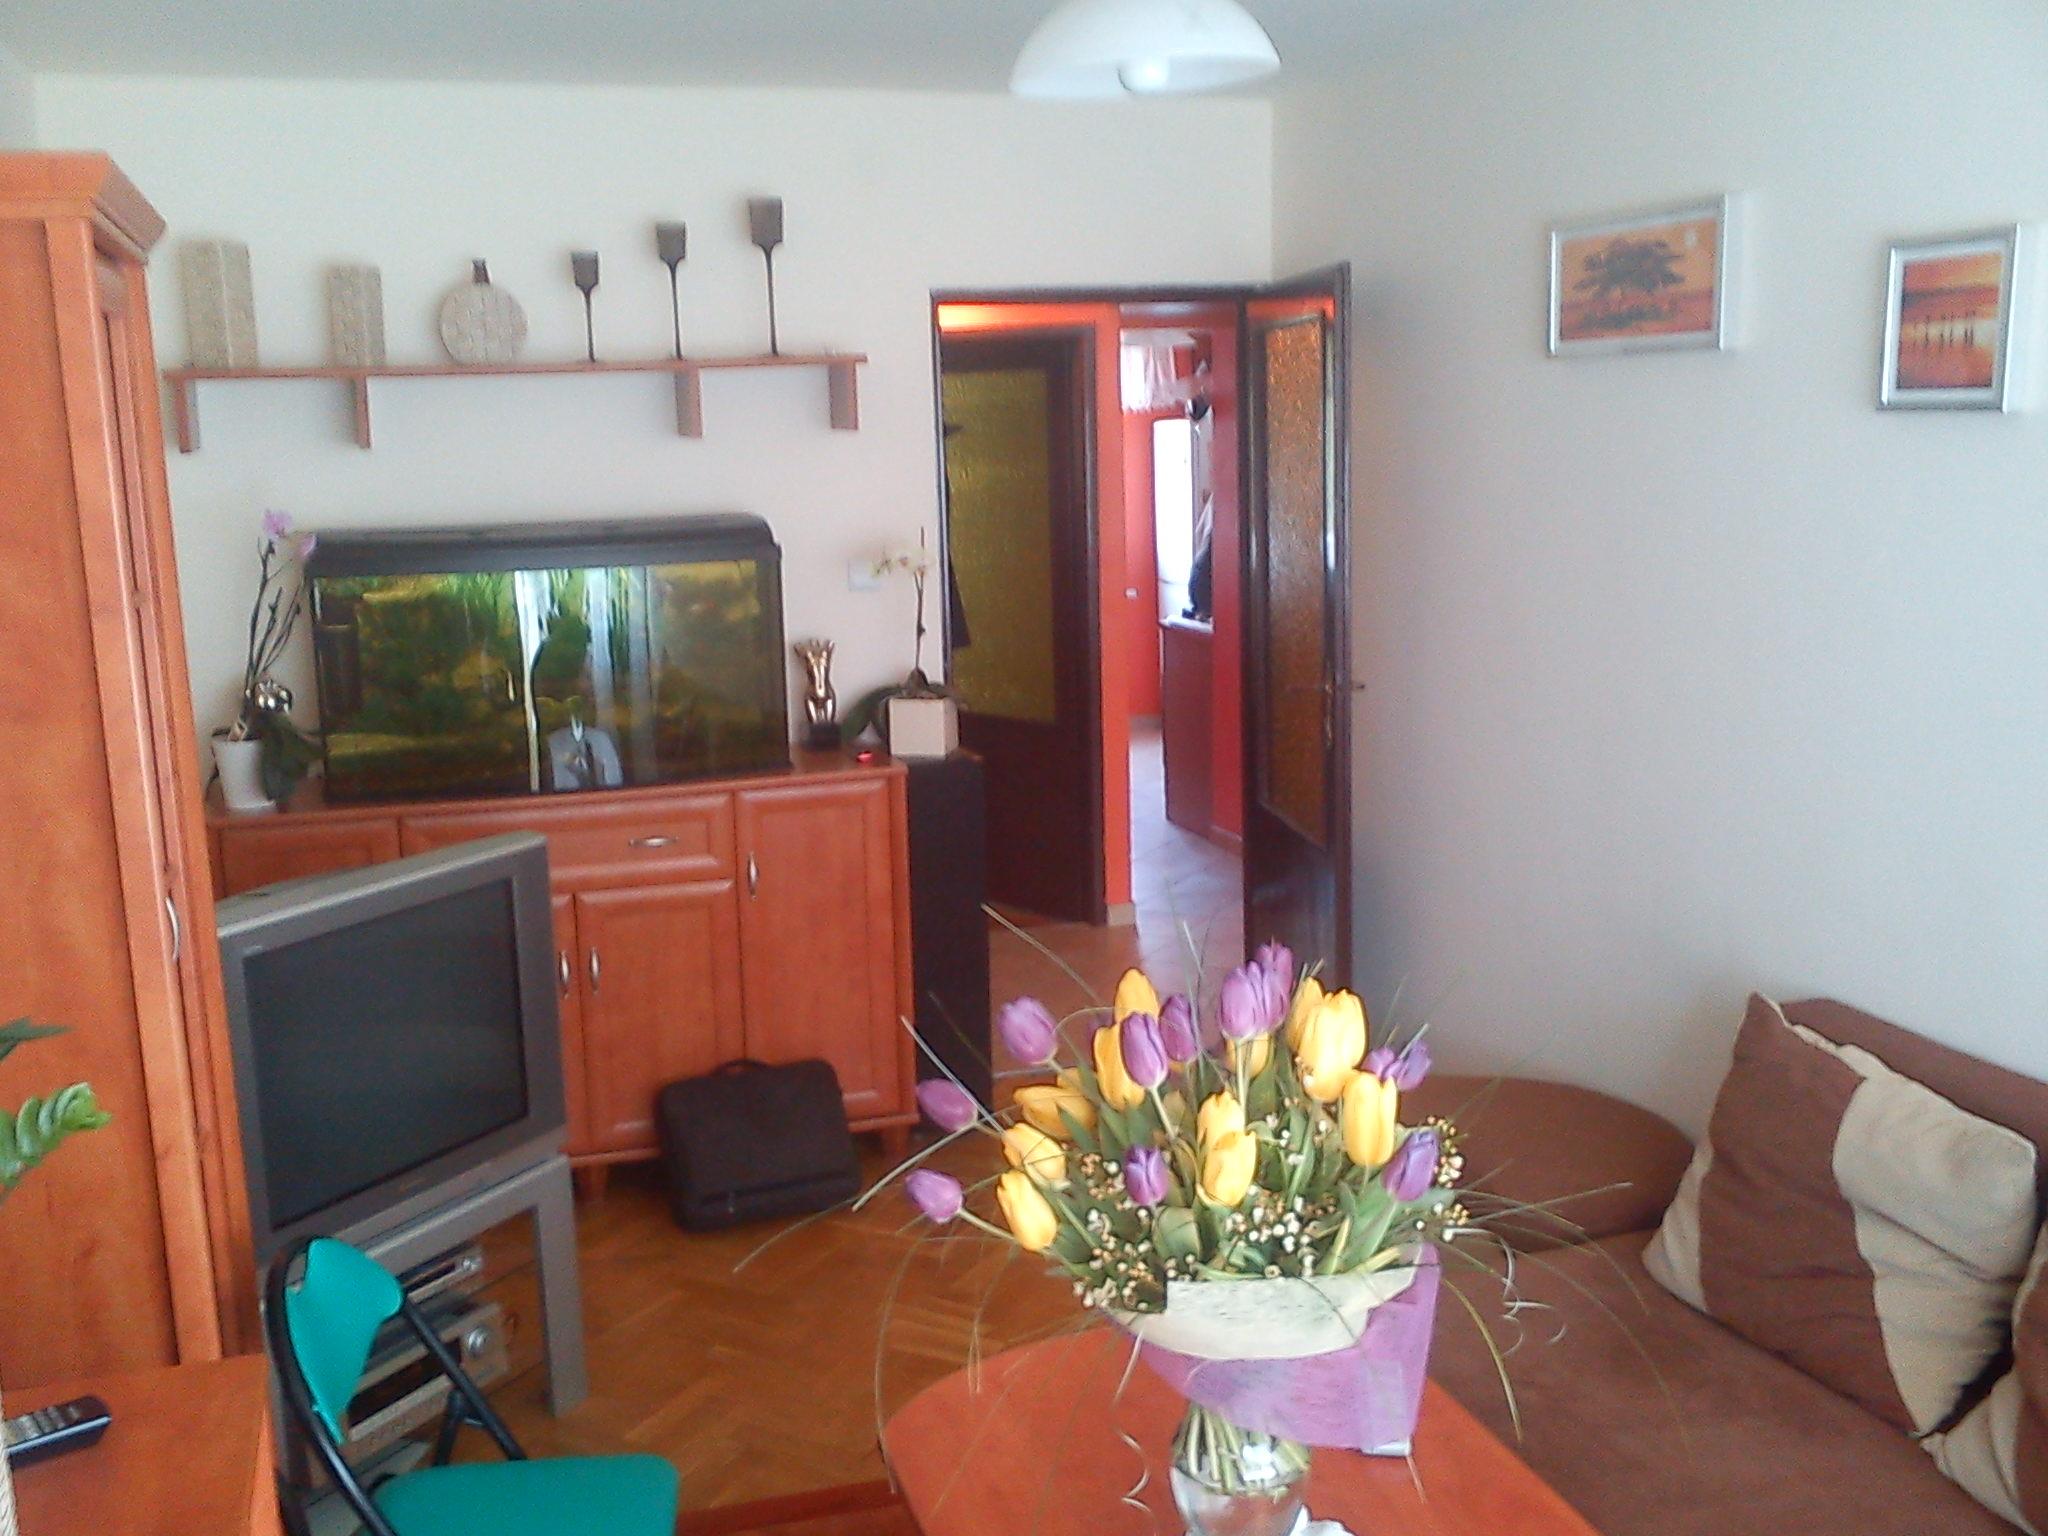 Zdjęcie do ogłoszenia Bardzo ładne mieszkanie o świetnym rozkładzie na 1 piętrze na os. Przyjaźni.